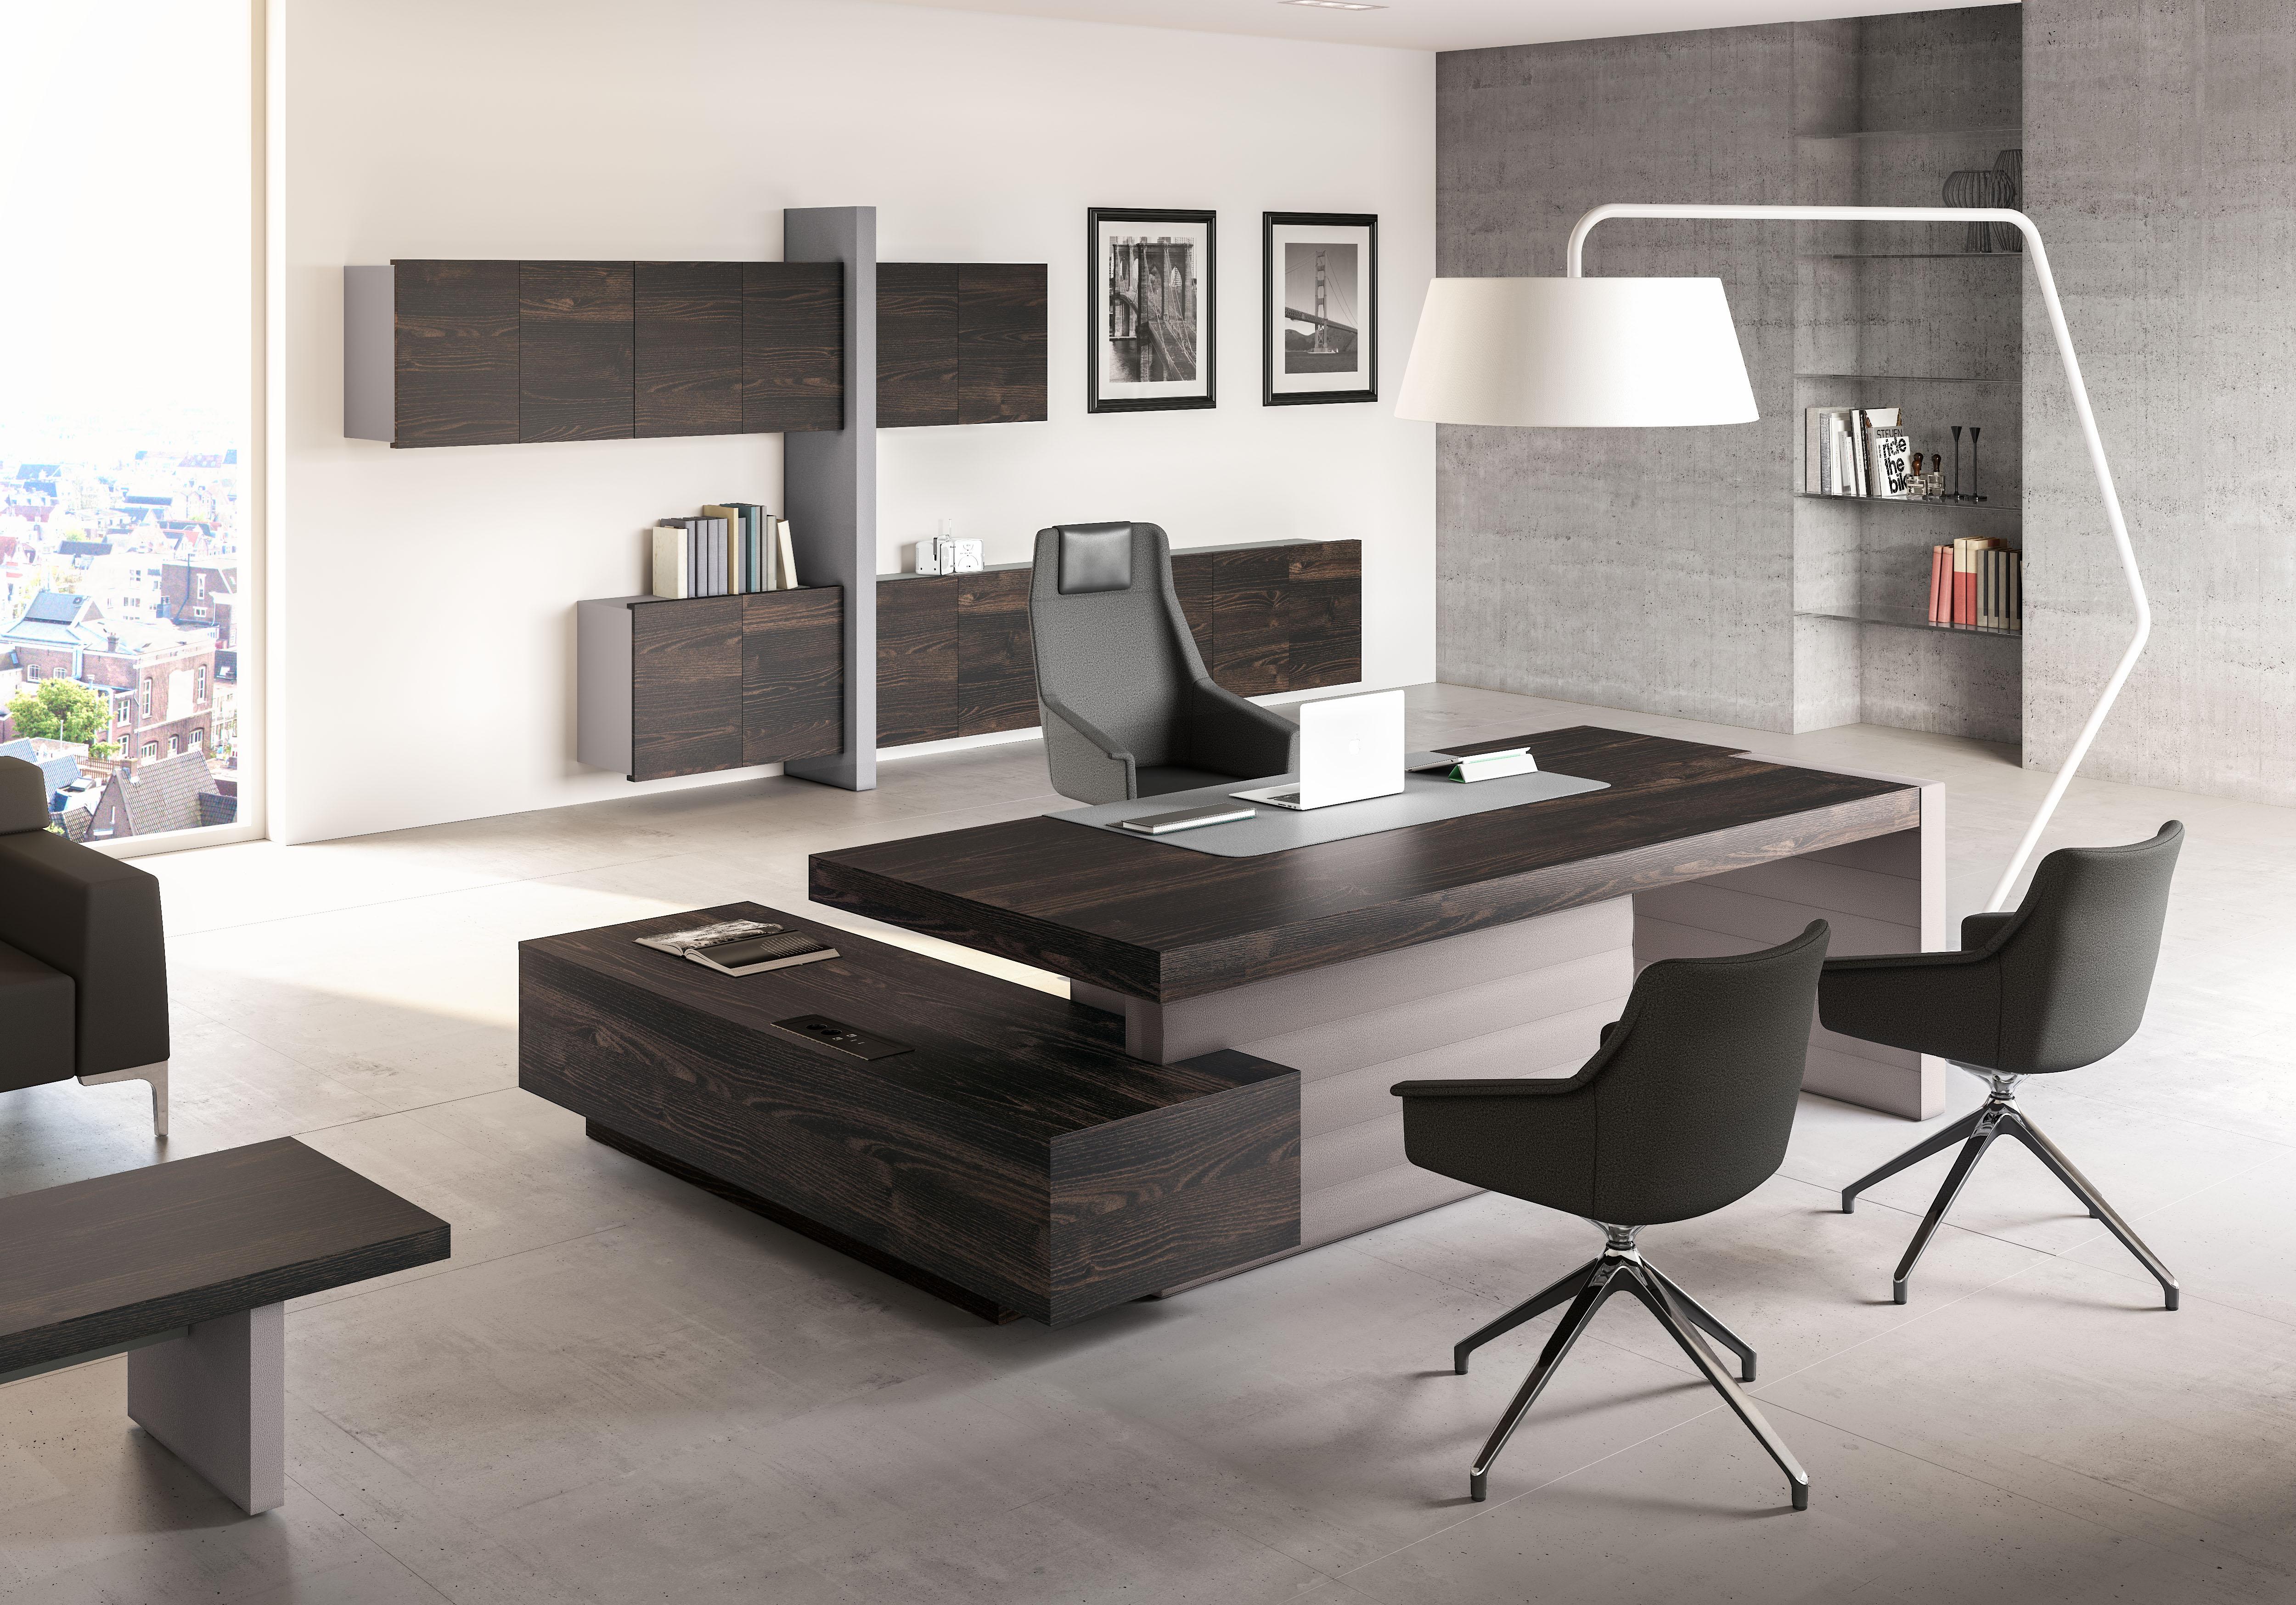 Jera centrufficio for Arredamento ufficio design